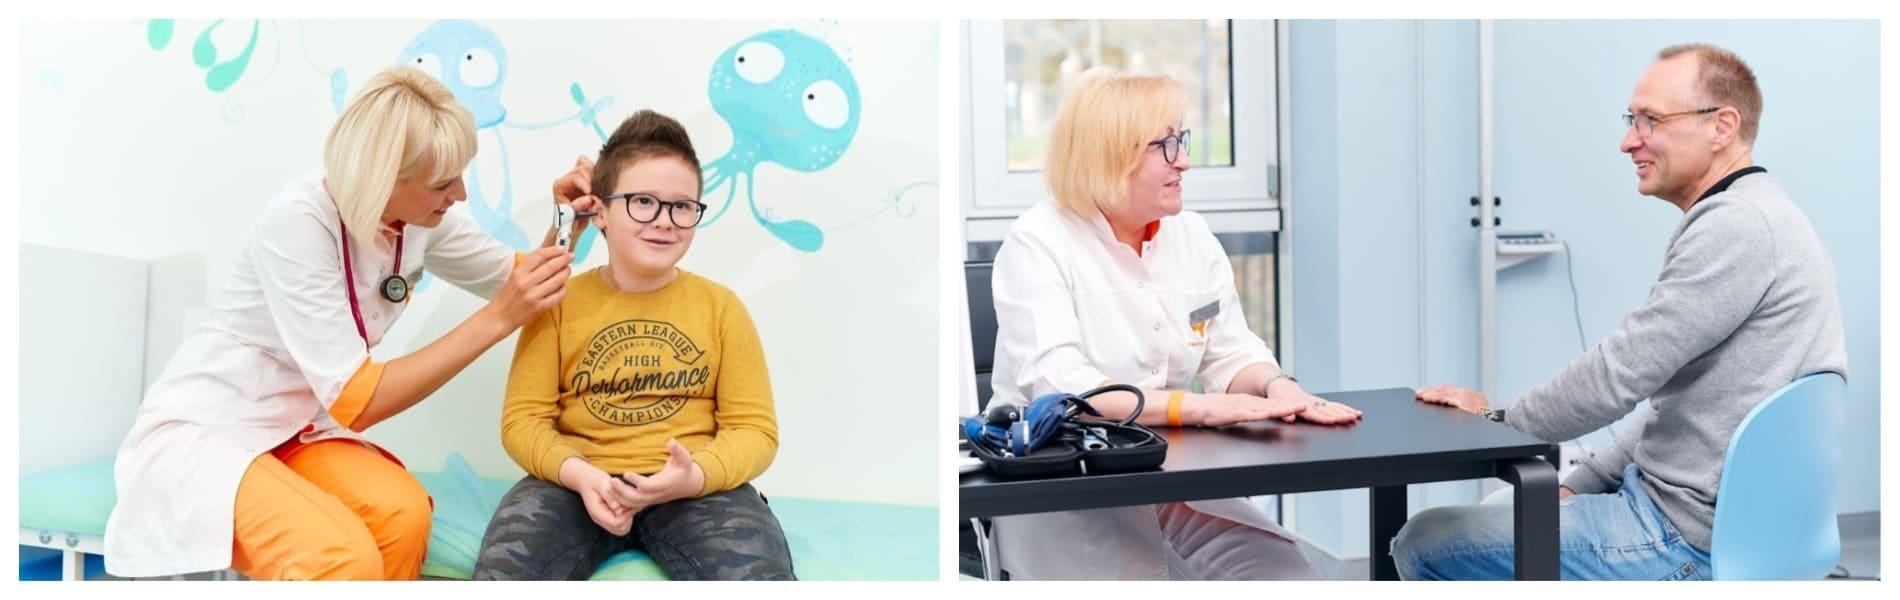 Персональний Лікар: годовая программа сопровождения здоровья | Центр Здоровья R+ Киев